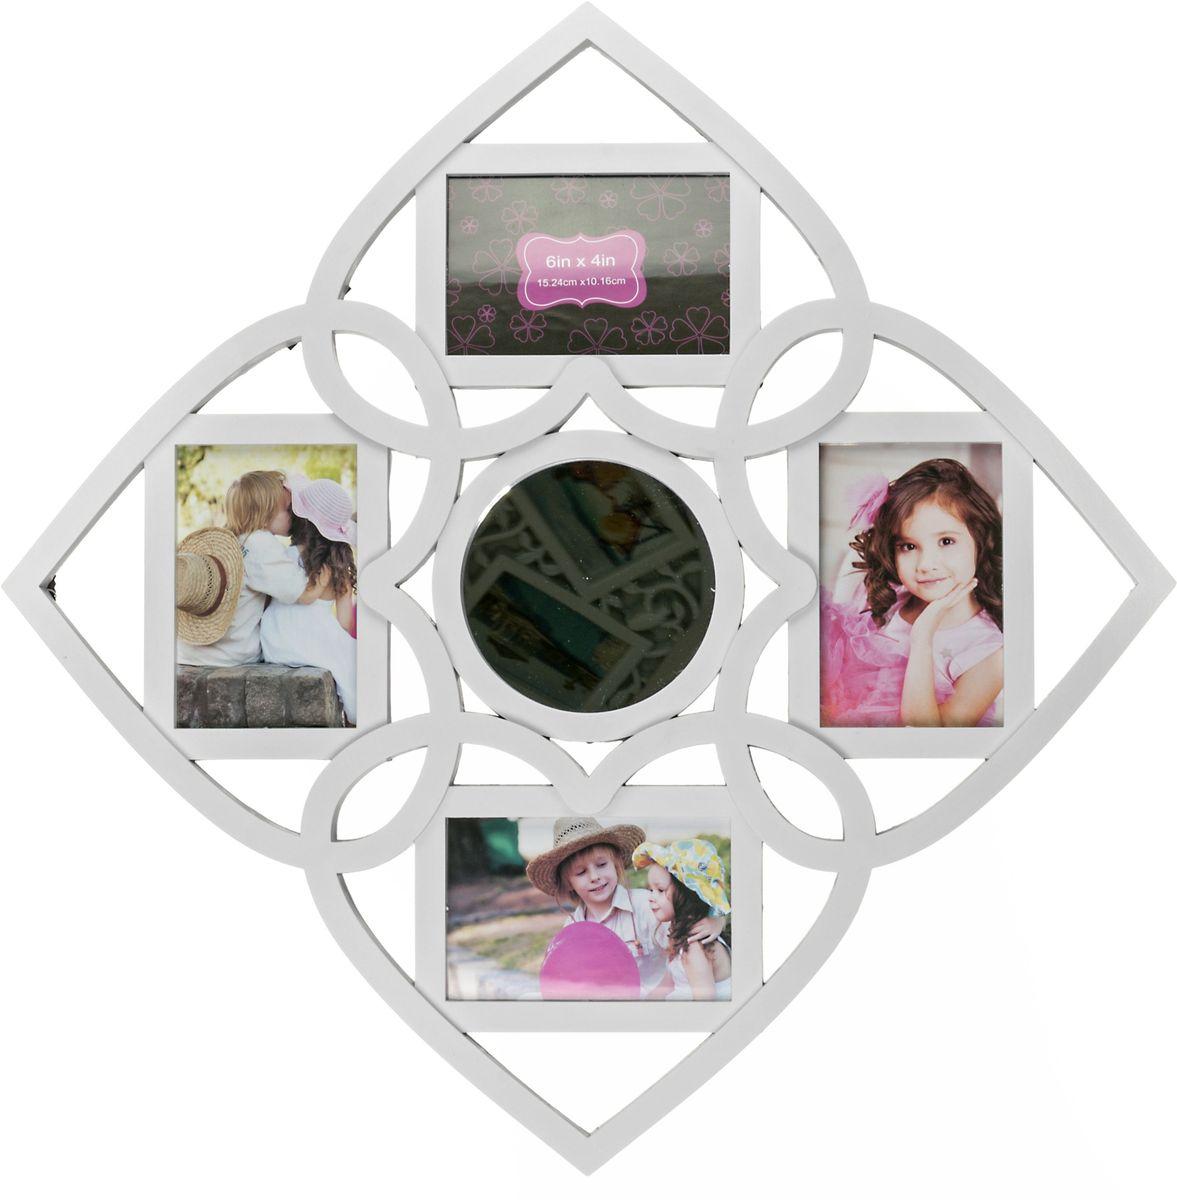 Фоторамка Platinum, с круглым зеркалом, цвет: белый, на 4 фото фоторамки мастер рио фоторамка